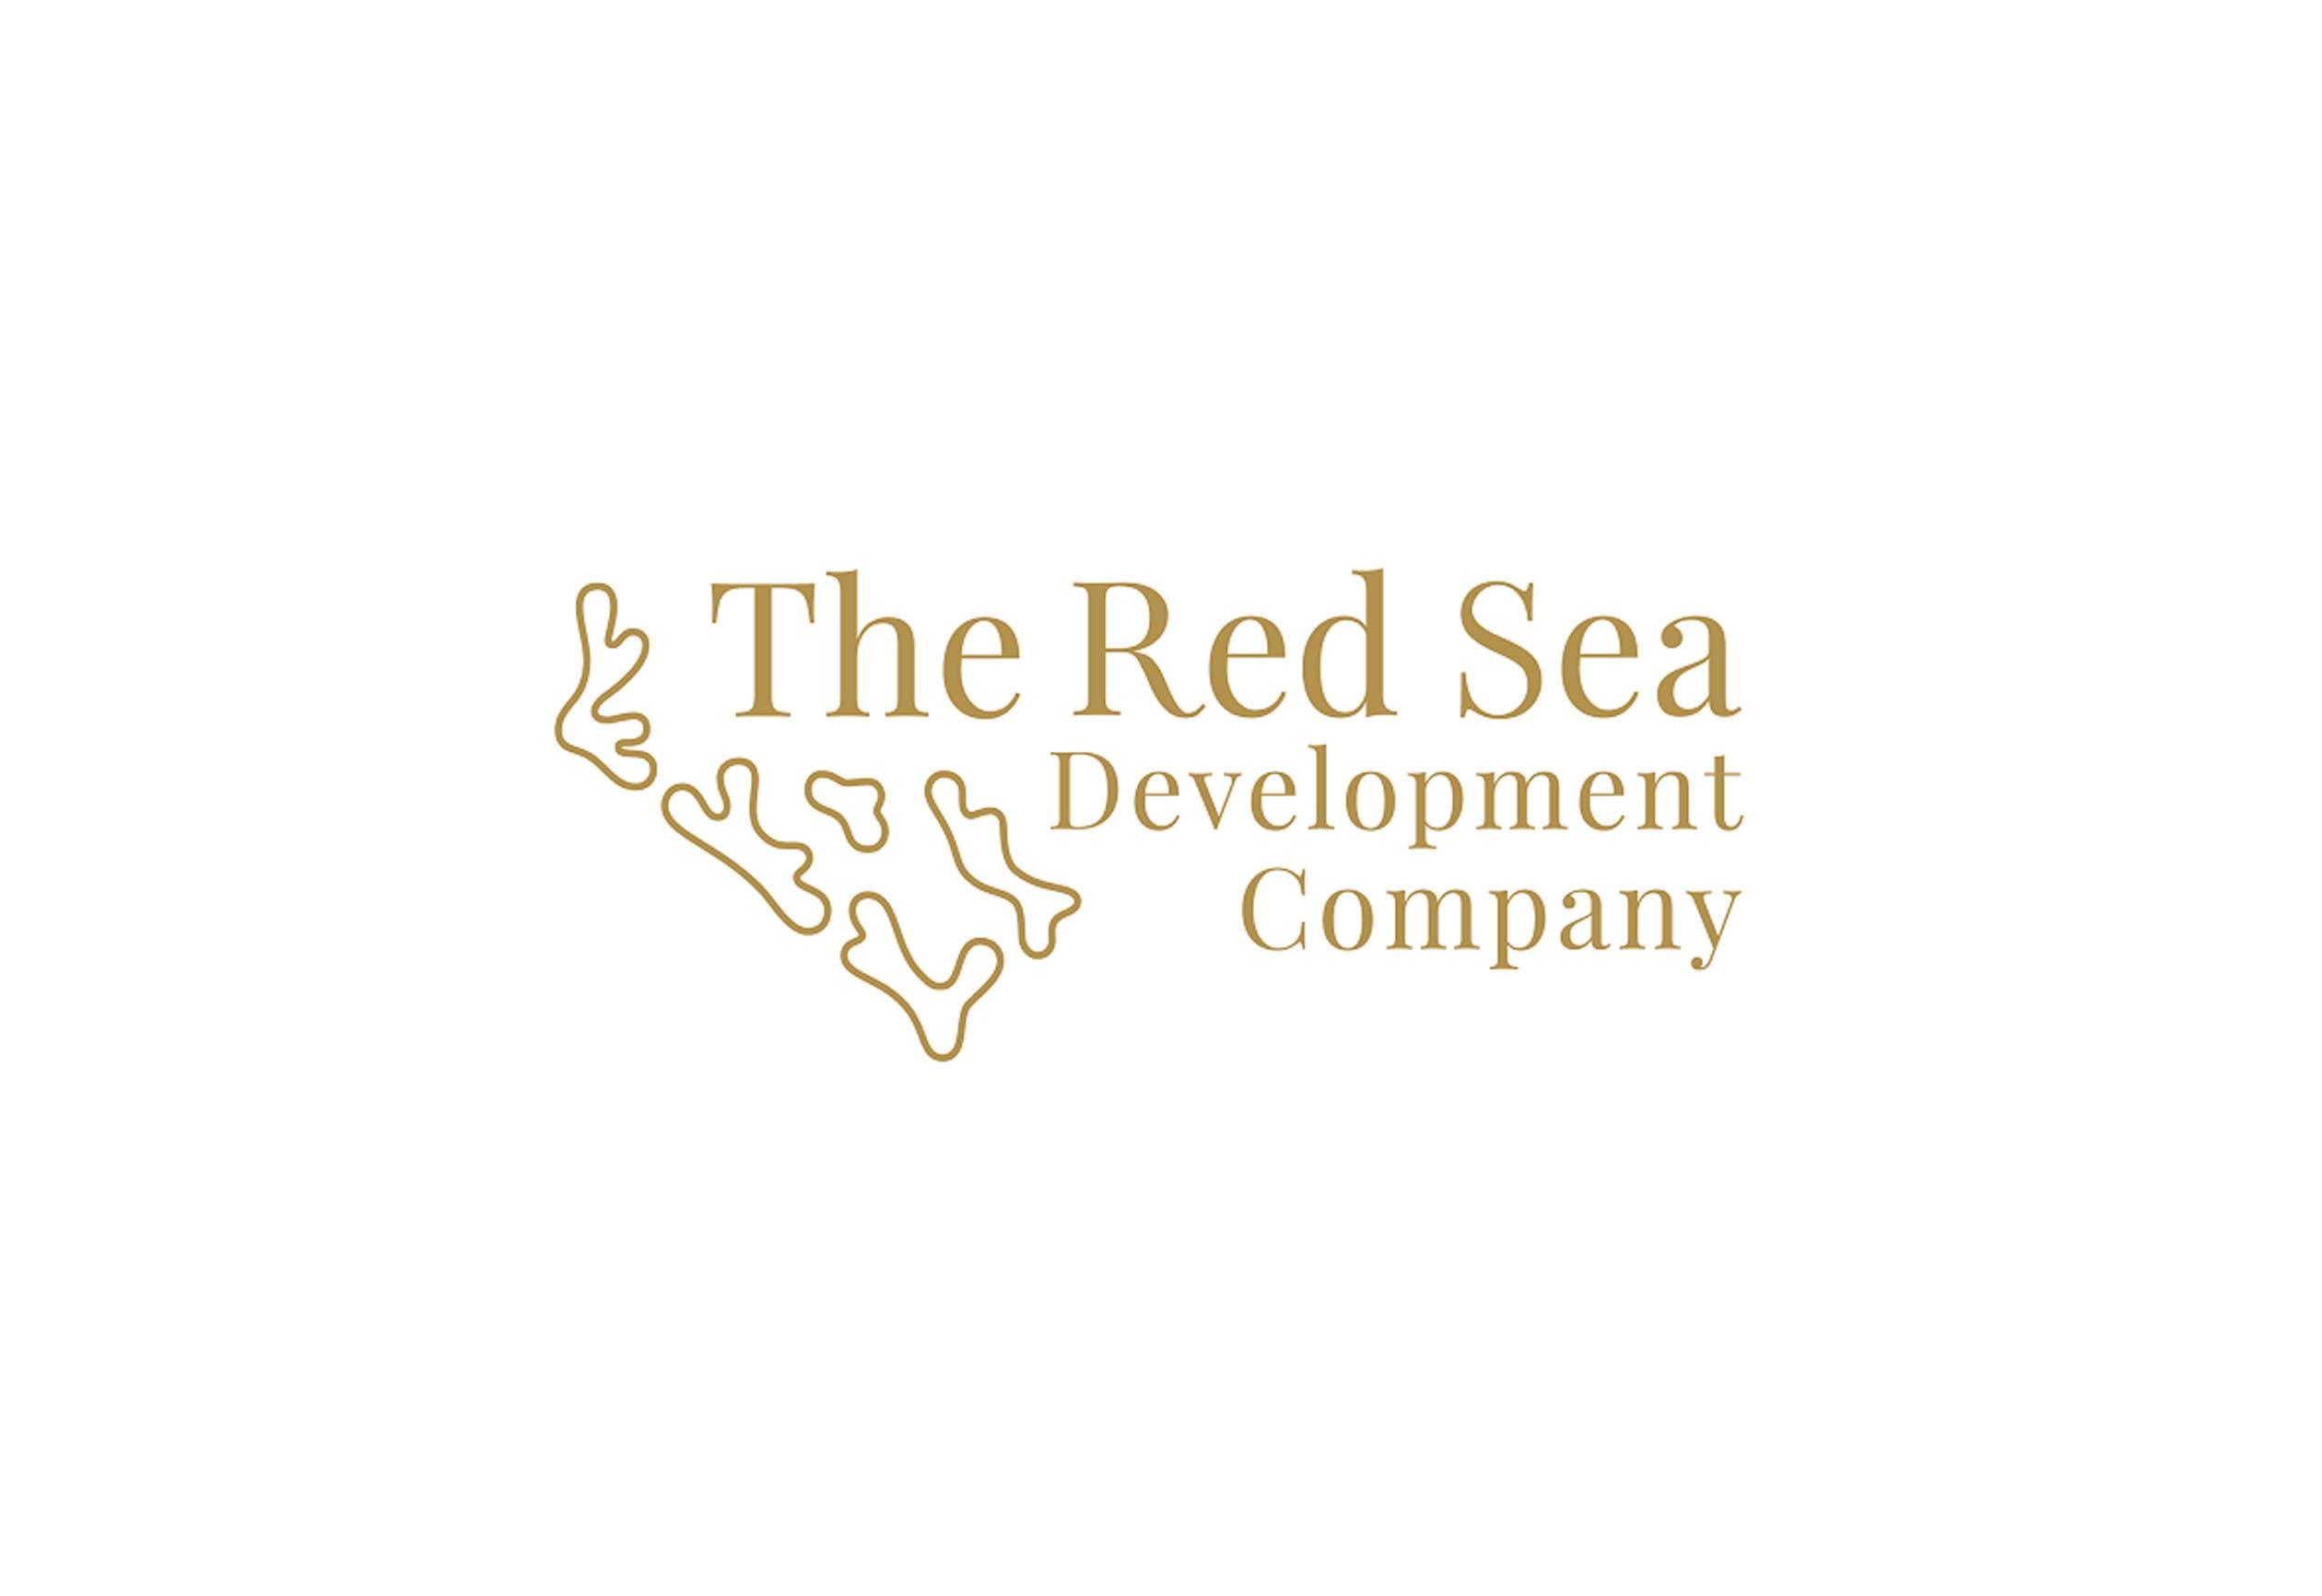 شركة البحر الأحمر